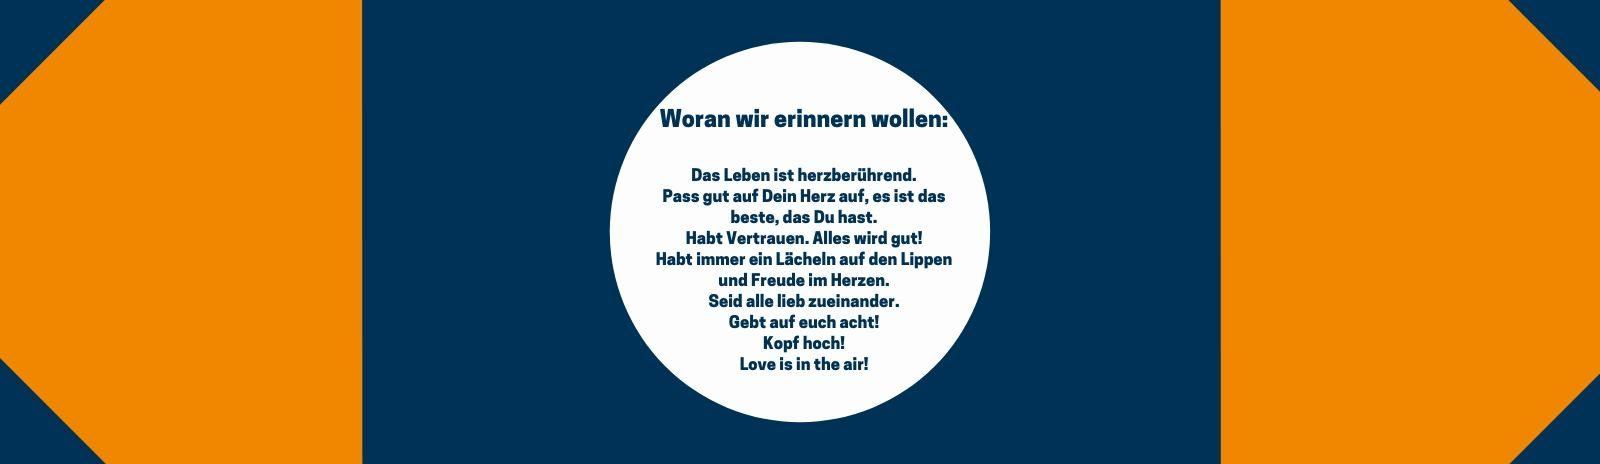 Laurentiushöhe_Hoffnungsschimmer_slider